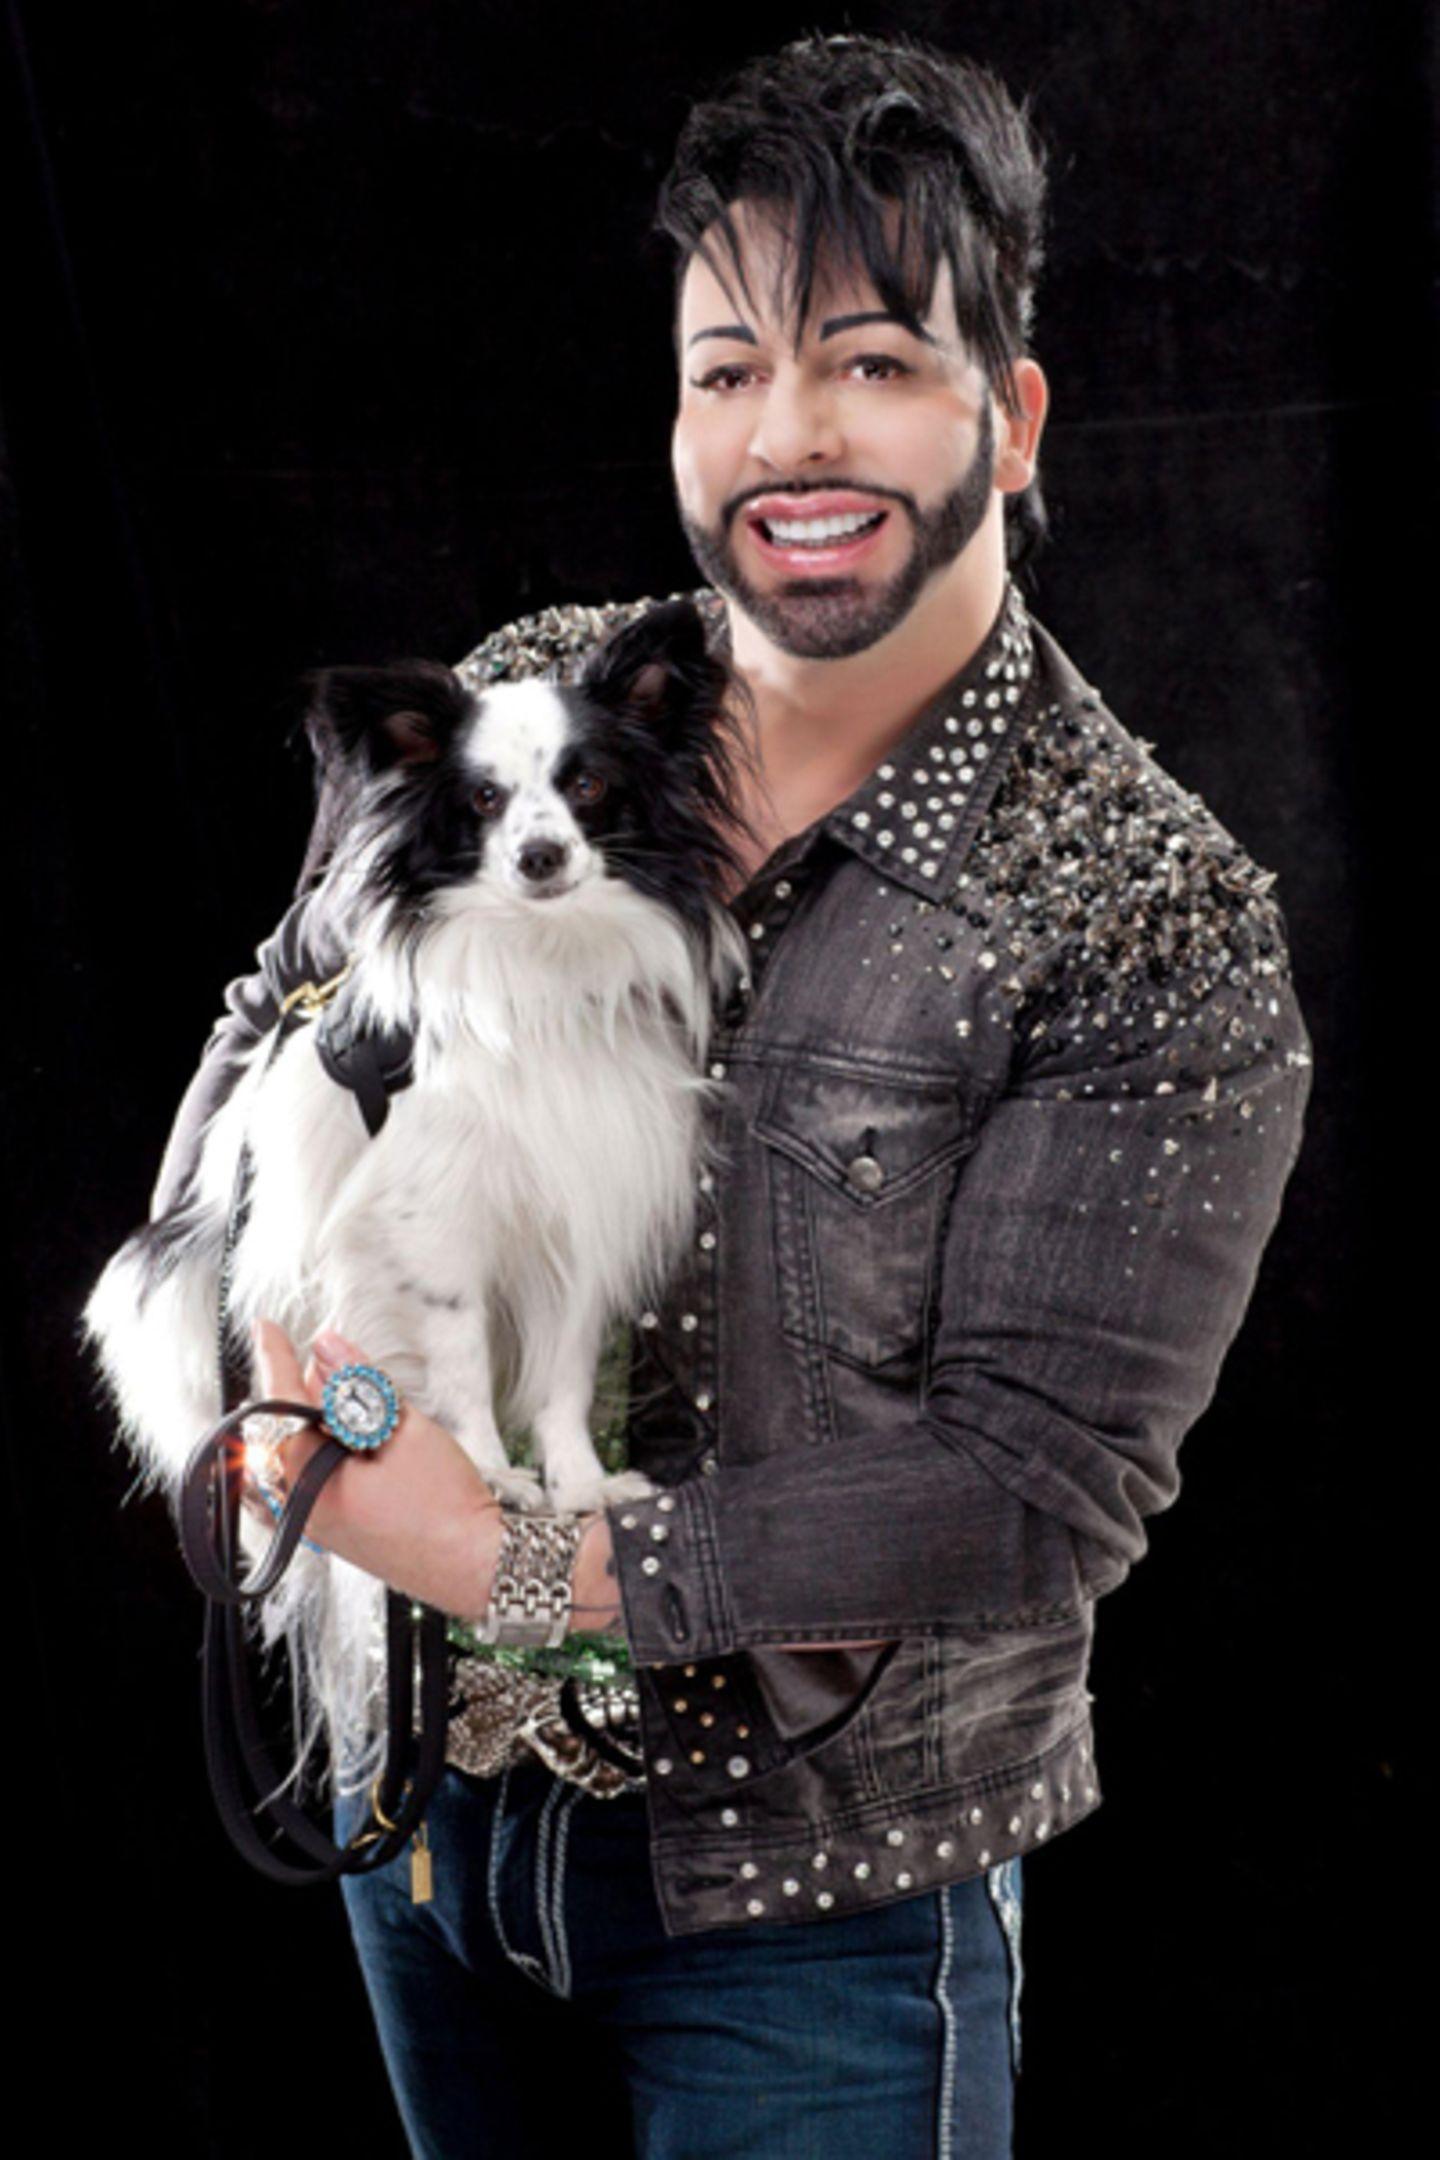 """Hund """"Billy King"""" ist immer dabei: Der Zwergspaniel inspirierte den Designer zu seiner aktuellen Kollektion für Hunde."""